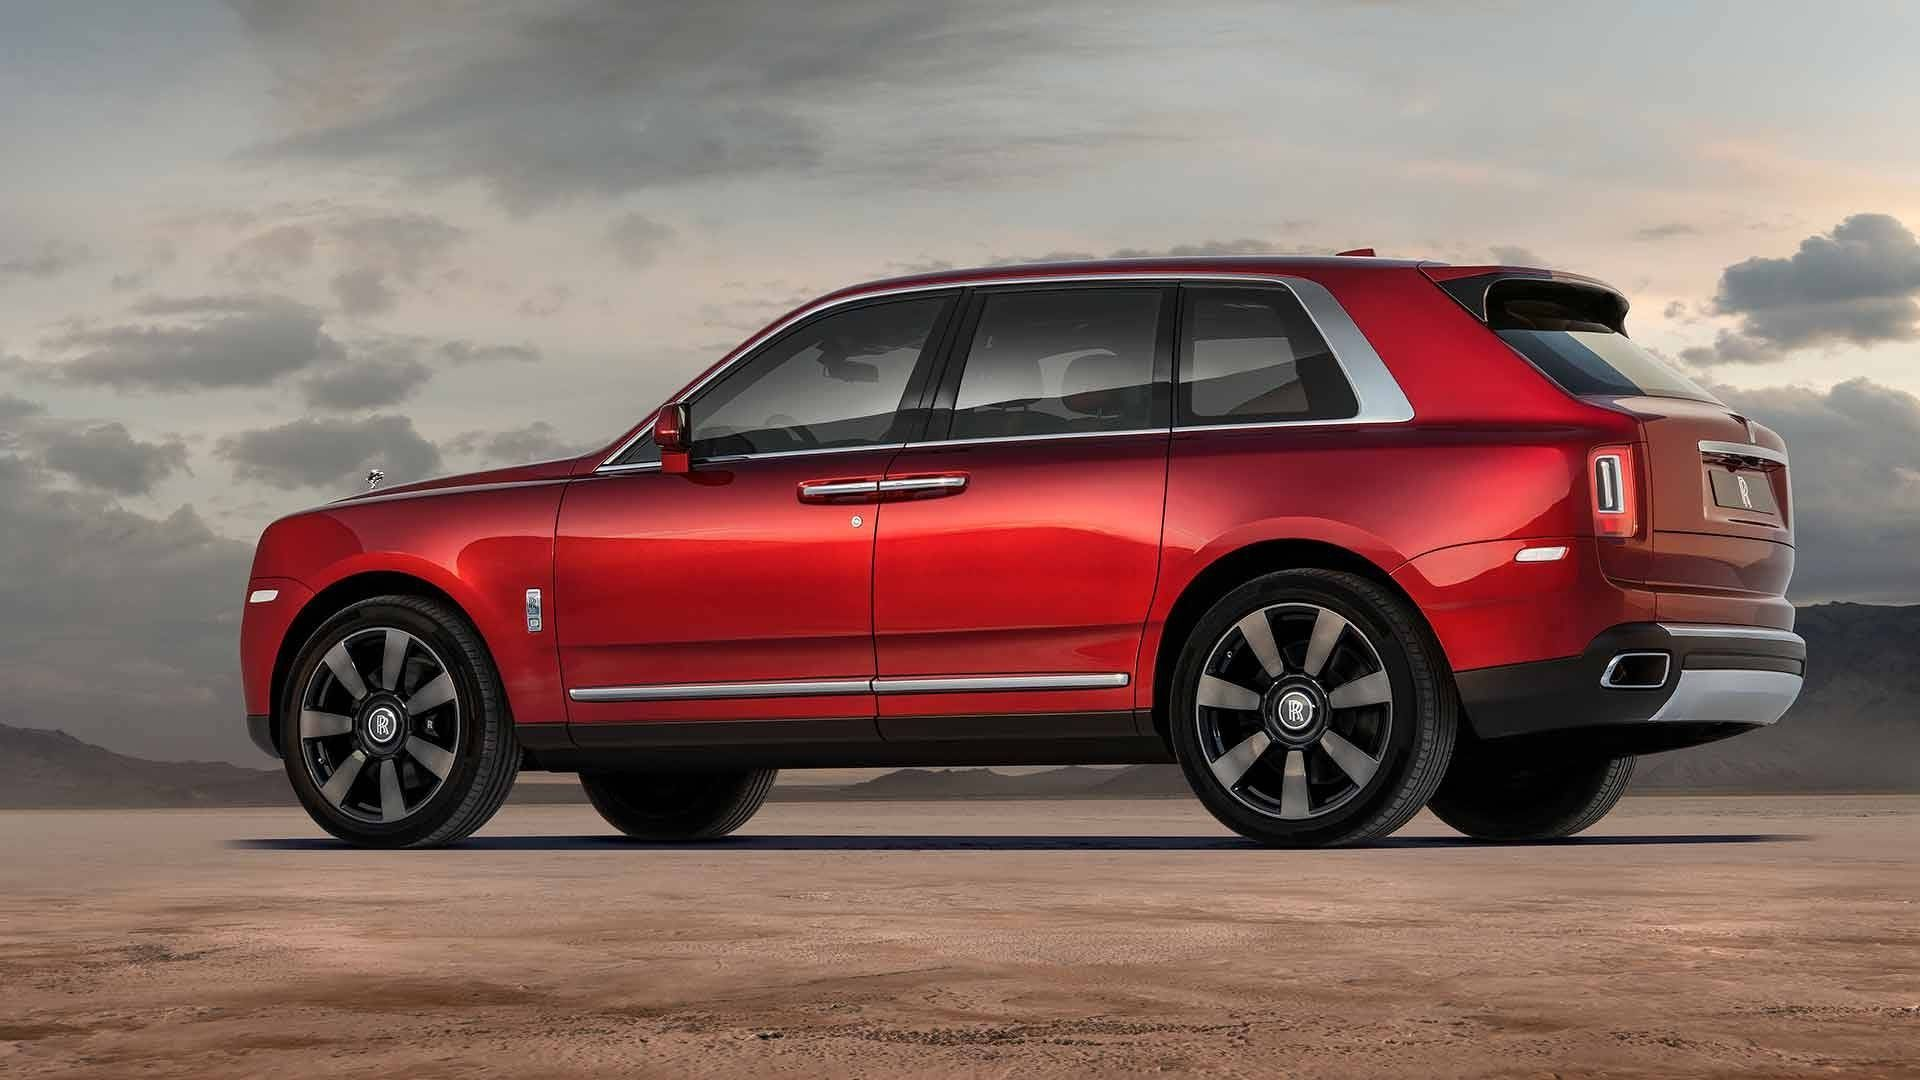 Top 10 Luxury Suv Cars In The World 2019: Rolls-Royce Cullinan: Interni, Prezzi, Immagini Del SUV Di